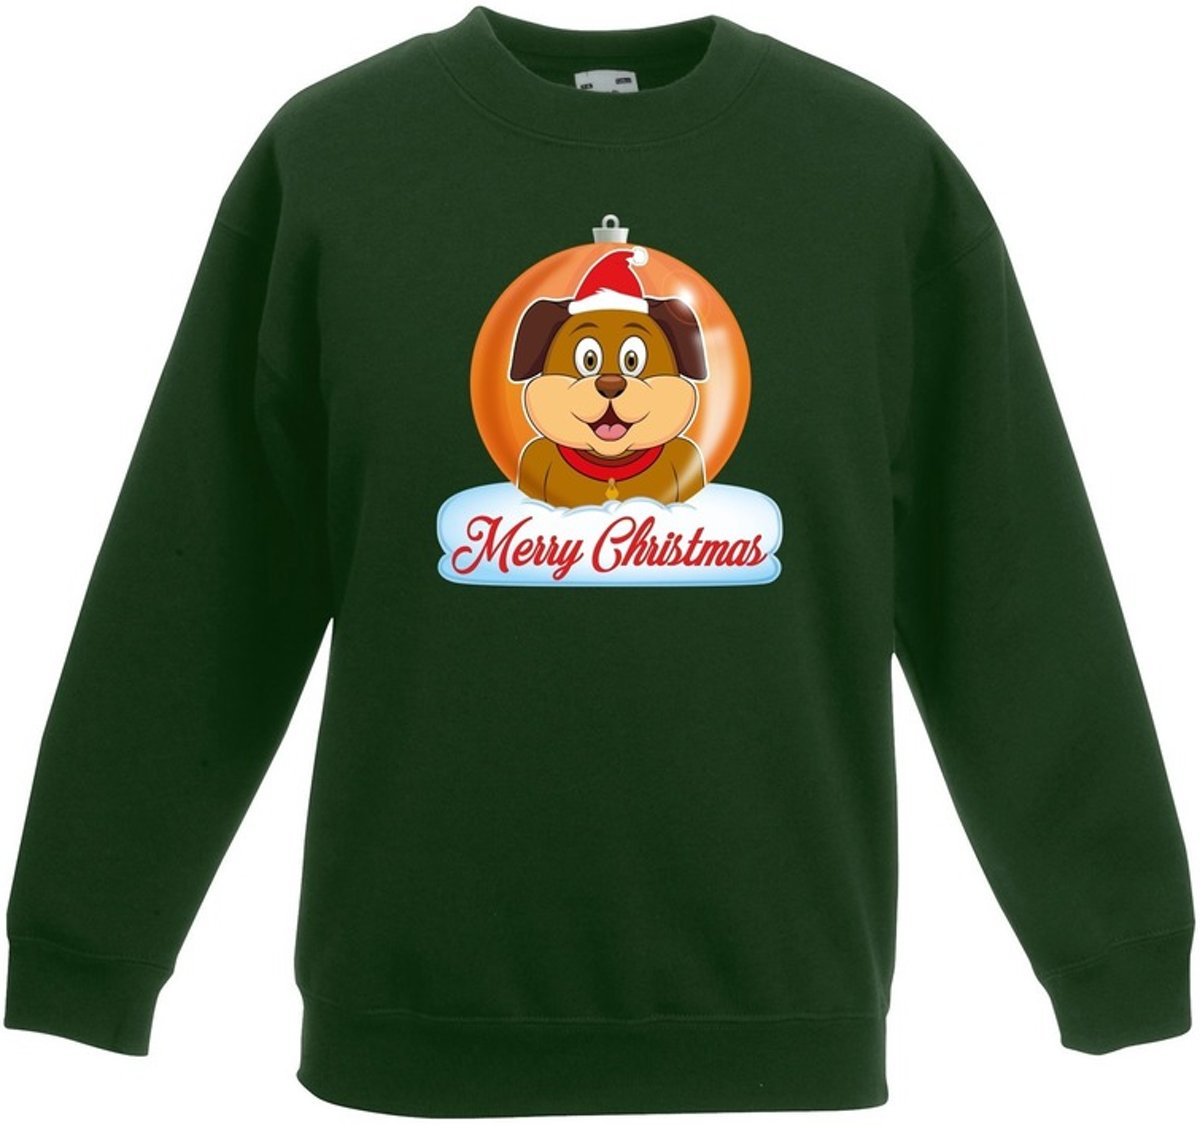 Kersttrui Merry Christmas hond kerstbal groen jongens en meisjes - Kerstruien kind 3-4 jaar (98/104) kopen